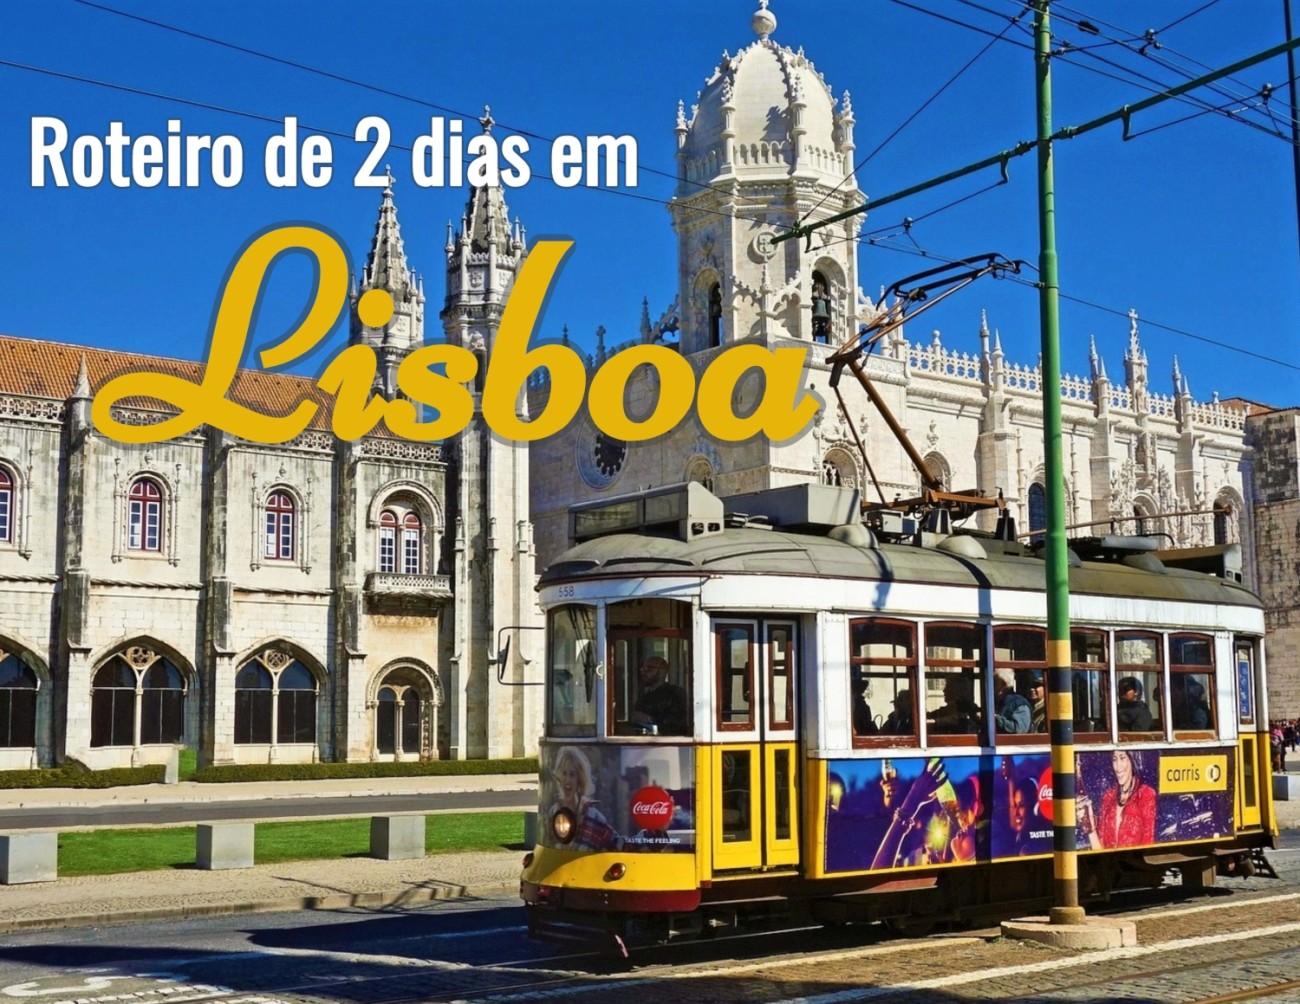 O Que Visitar Em Lisboa Roteiro De 2 Dias Descubra Lisboa